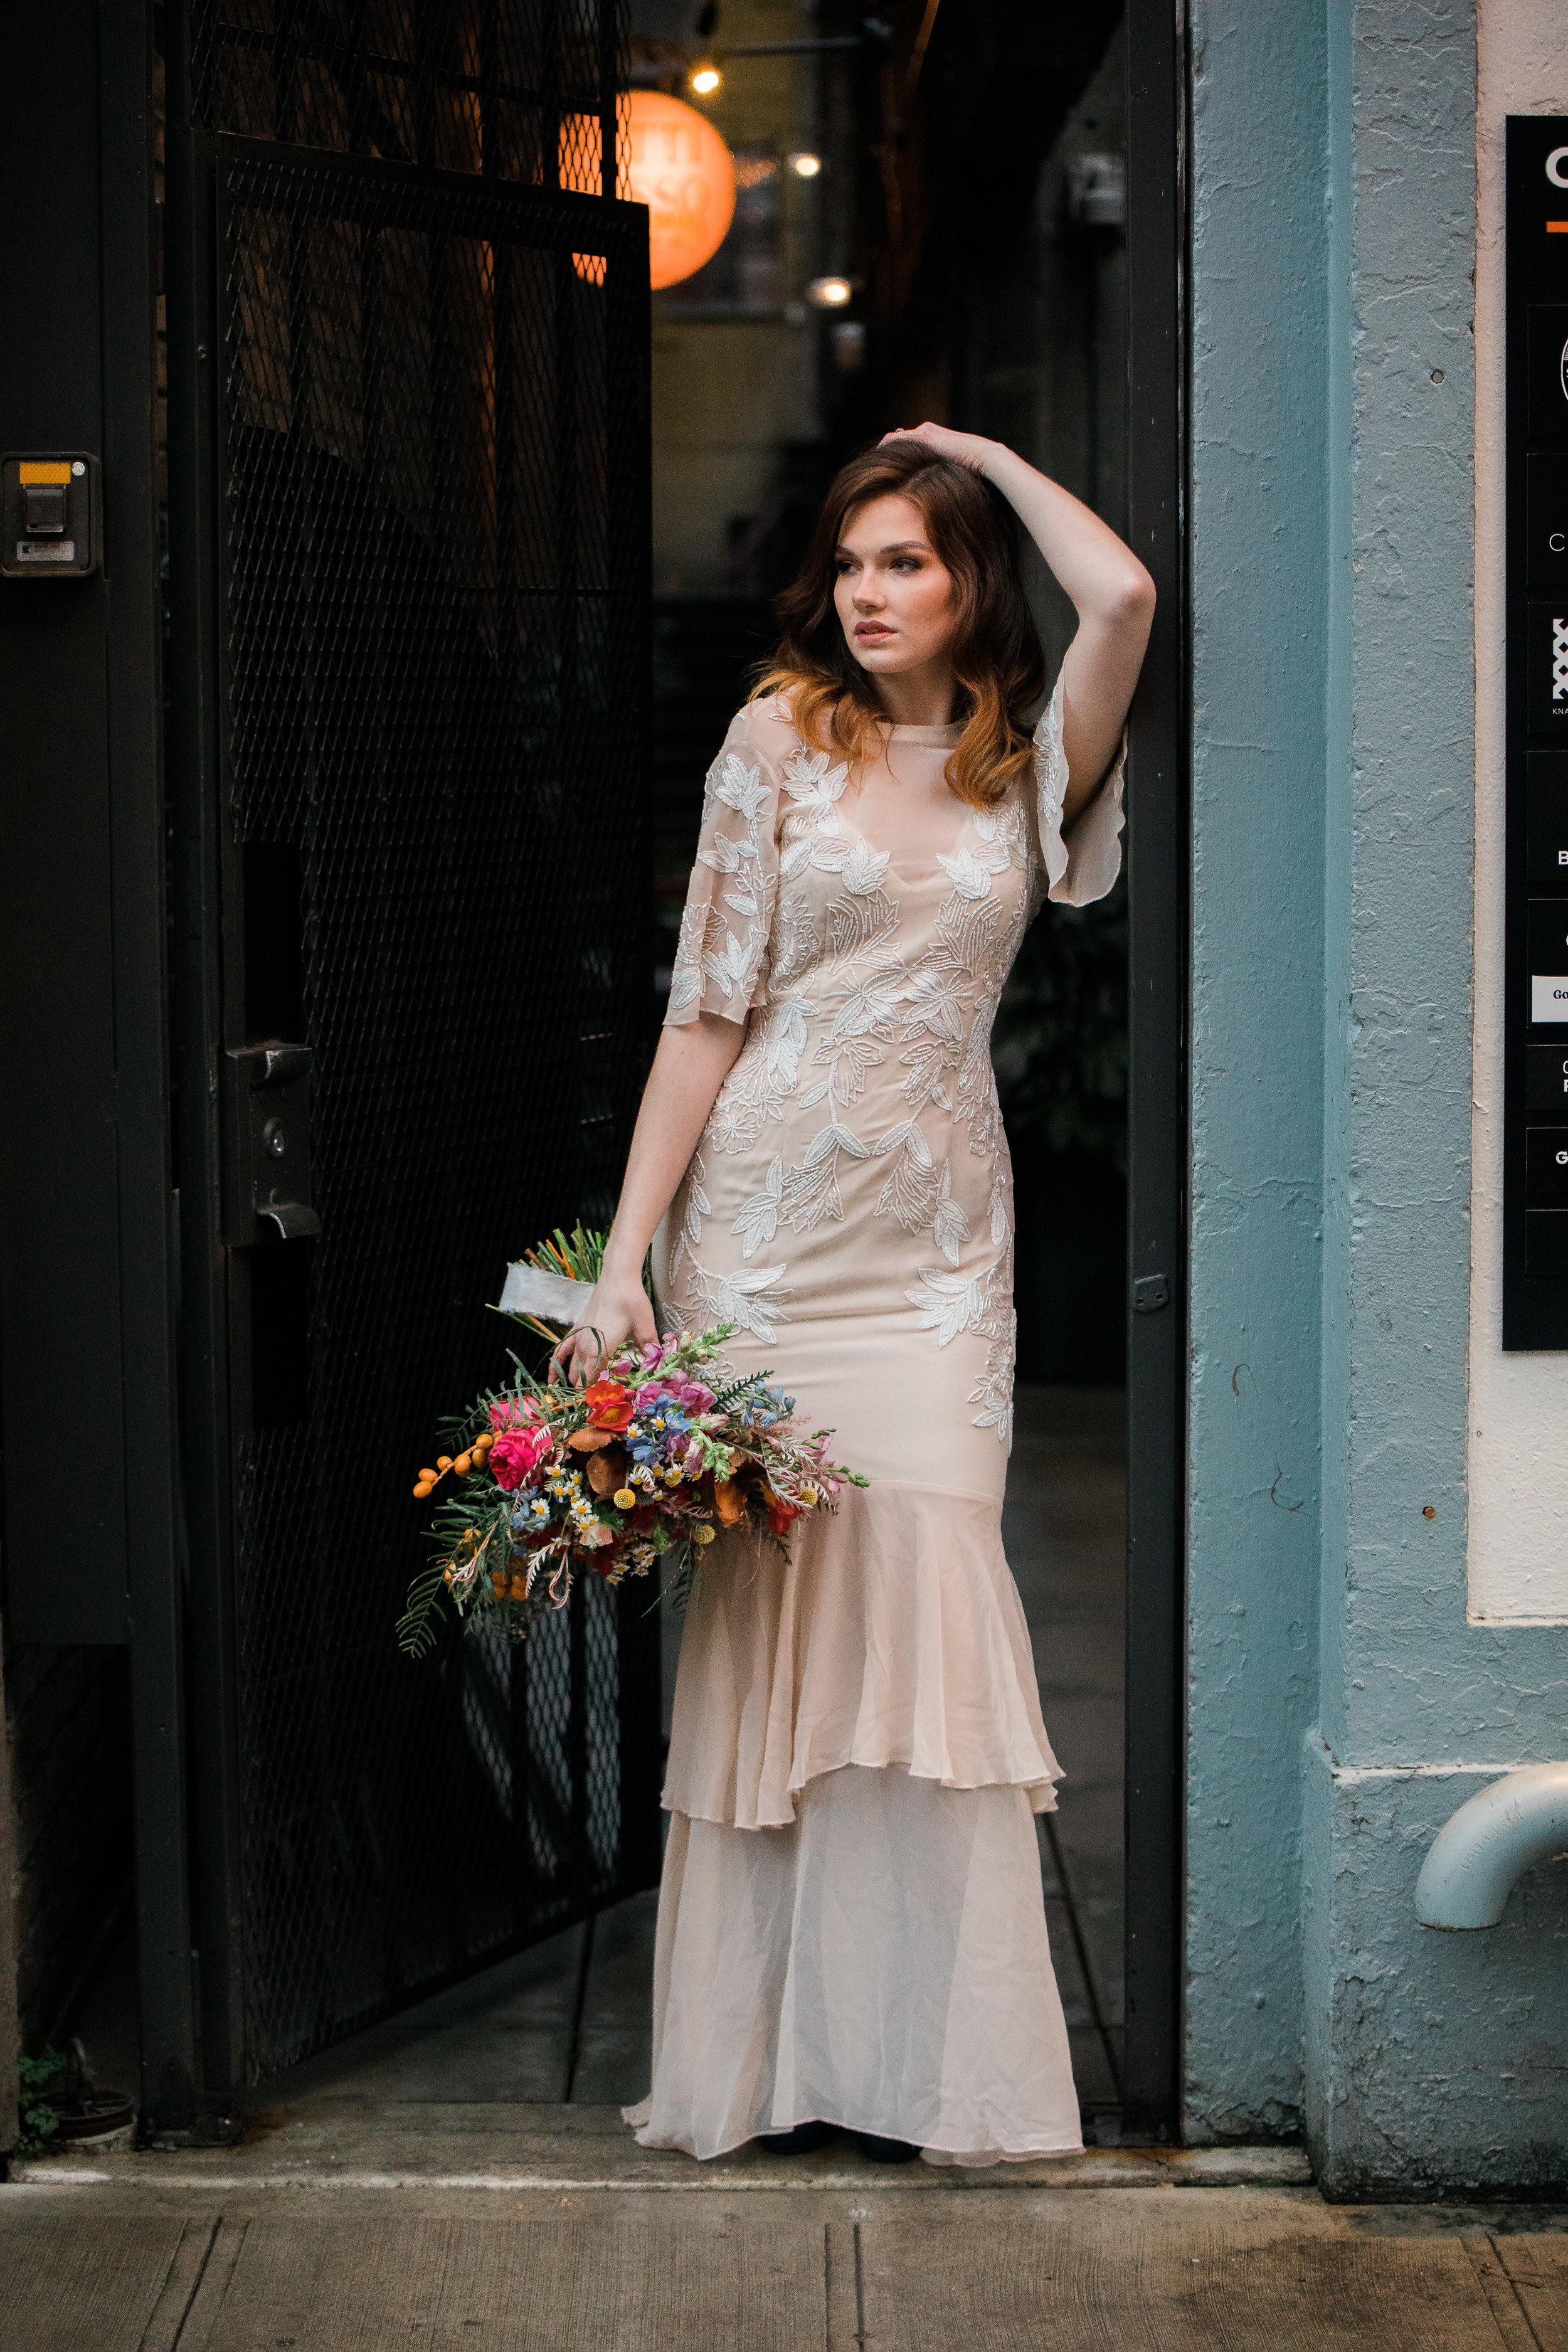 Styled-Bridal-Session-Seattle-Washington-Tara-Nichole-Photo-26.jpg